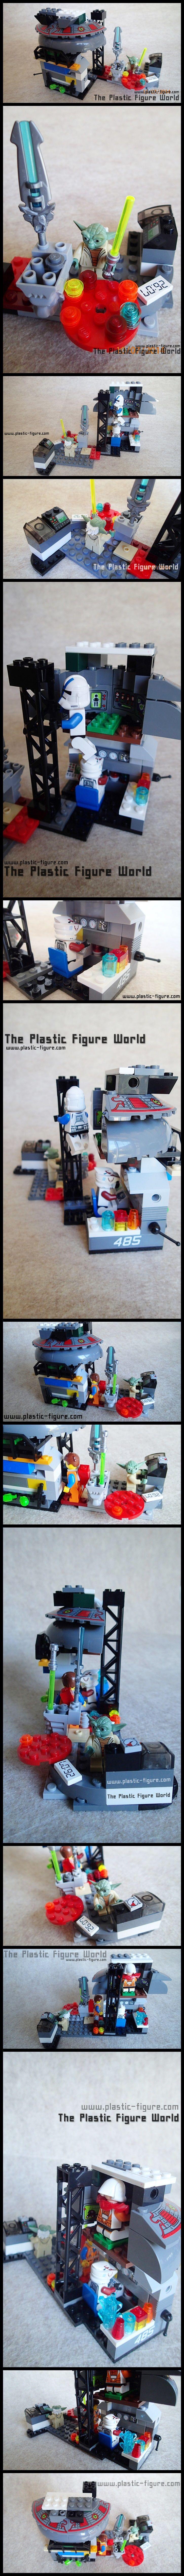 Lego Yoda Cafe and Secret Base   The Plastic Figure World